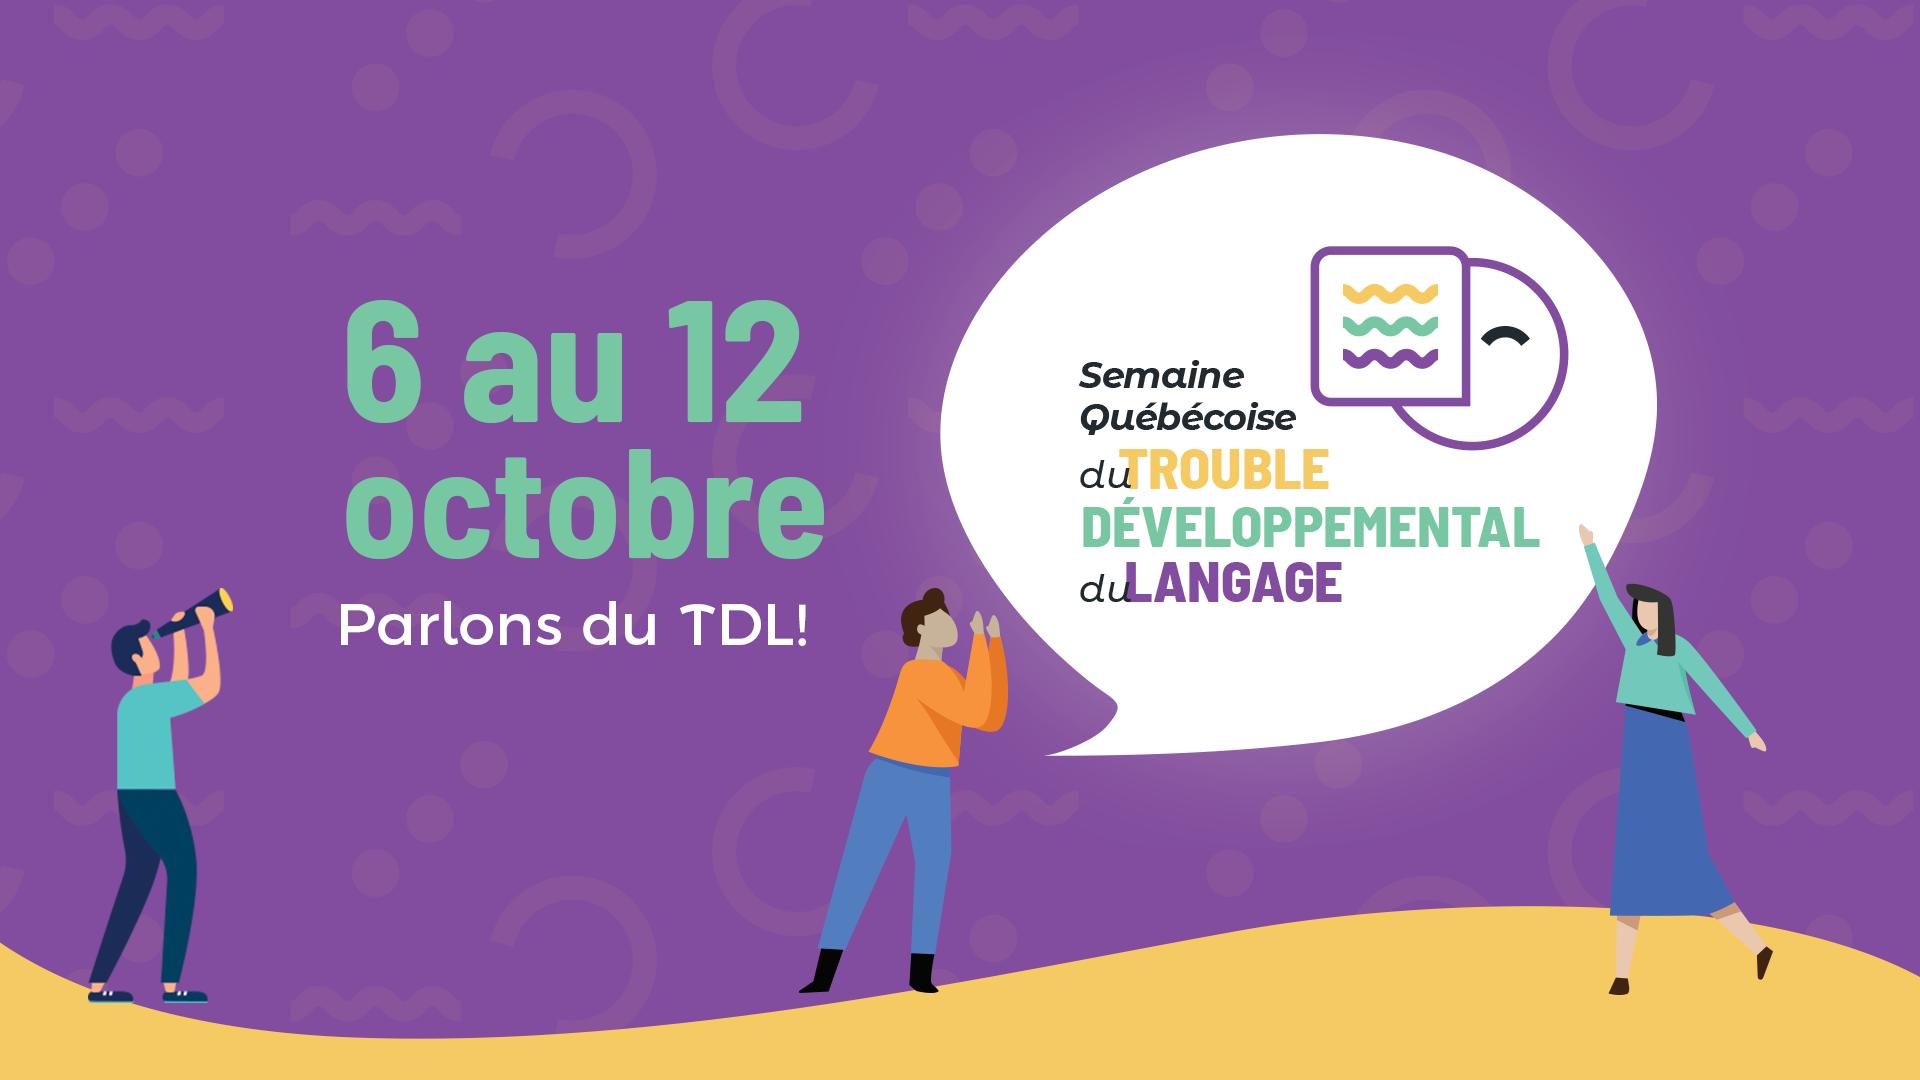 Semaine québécoise du trouble développemental du langage